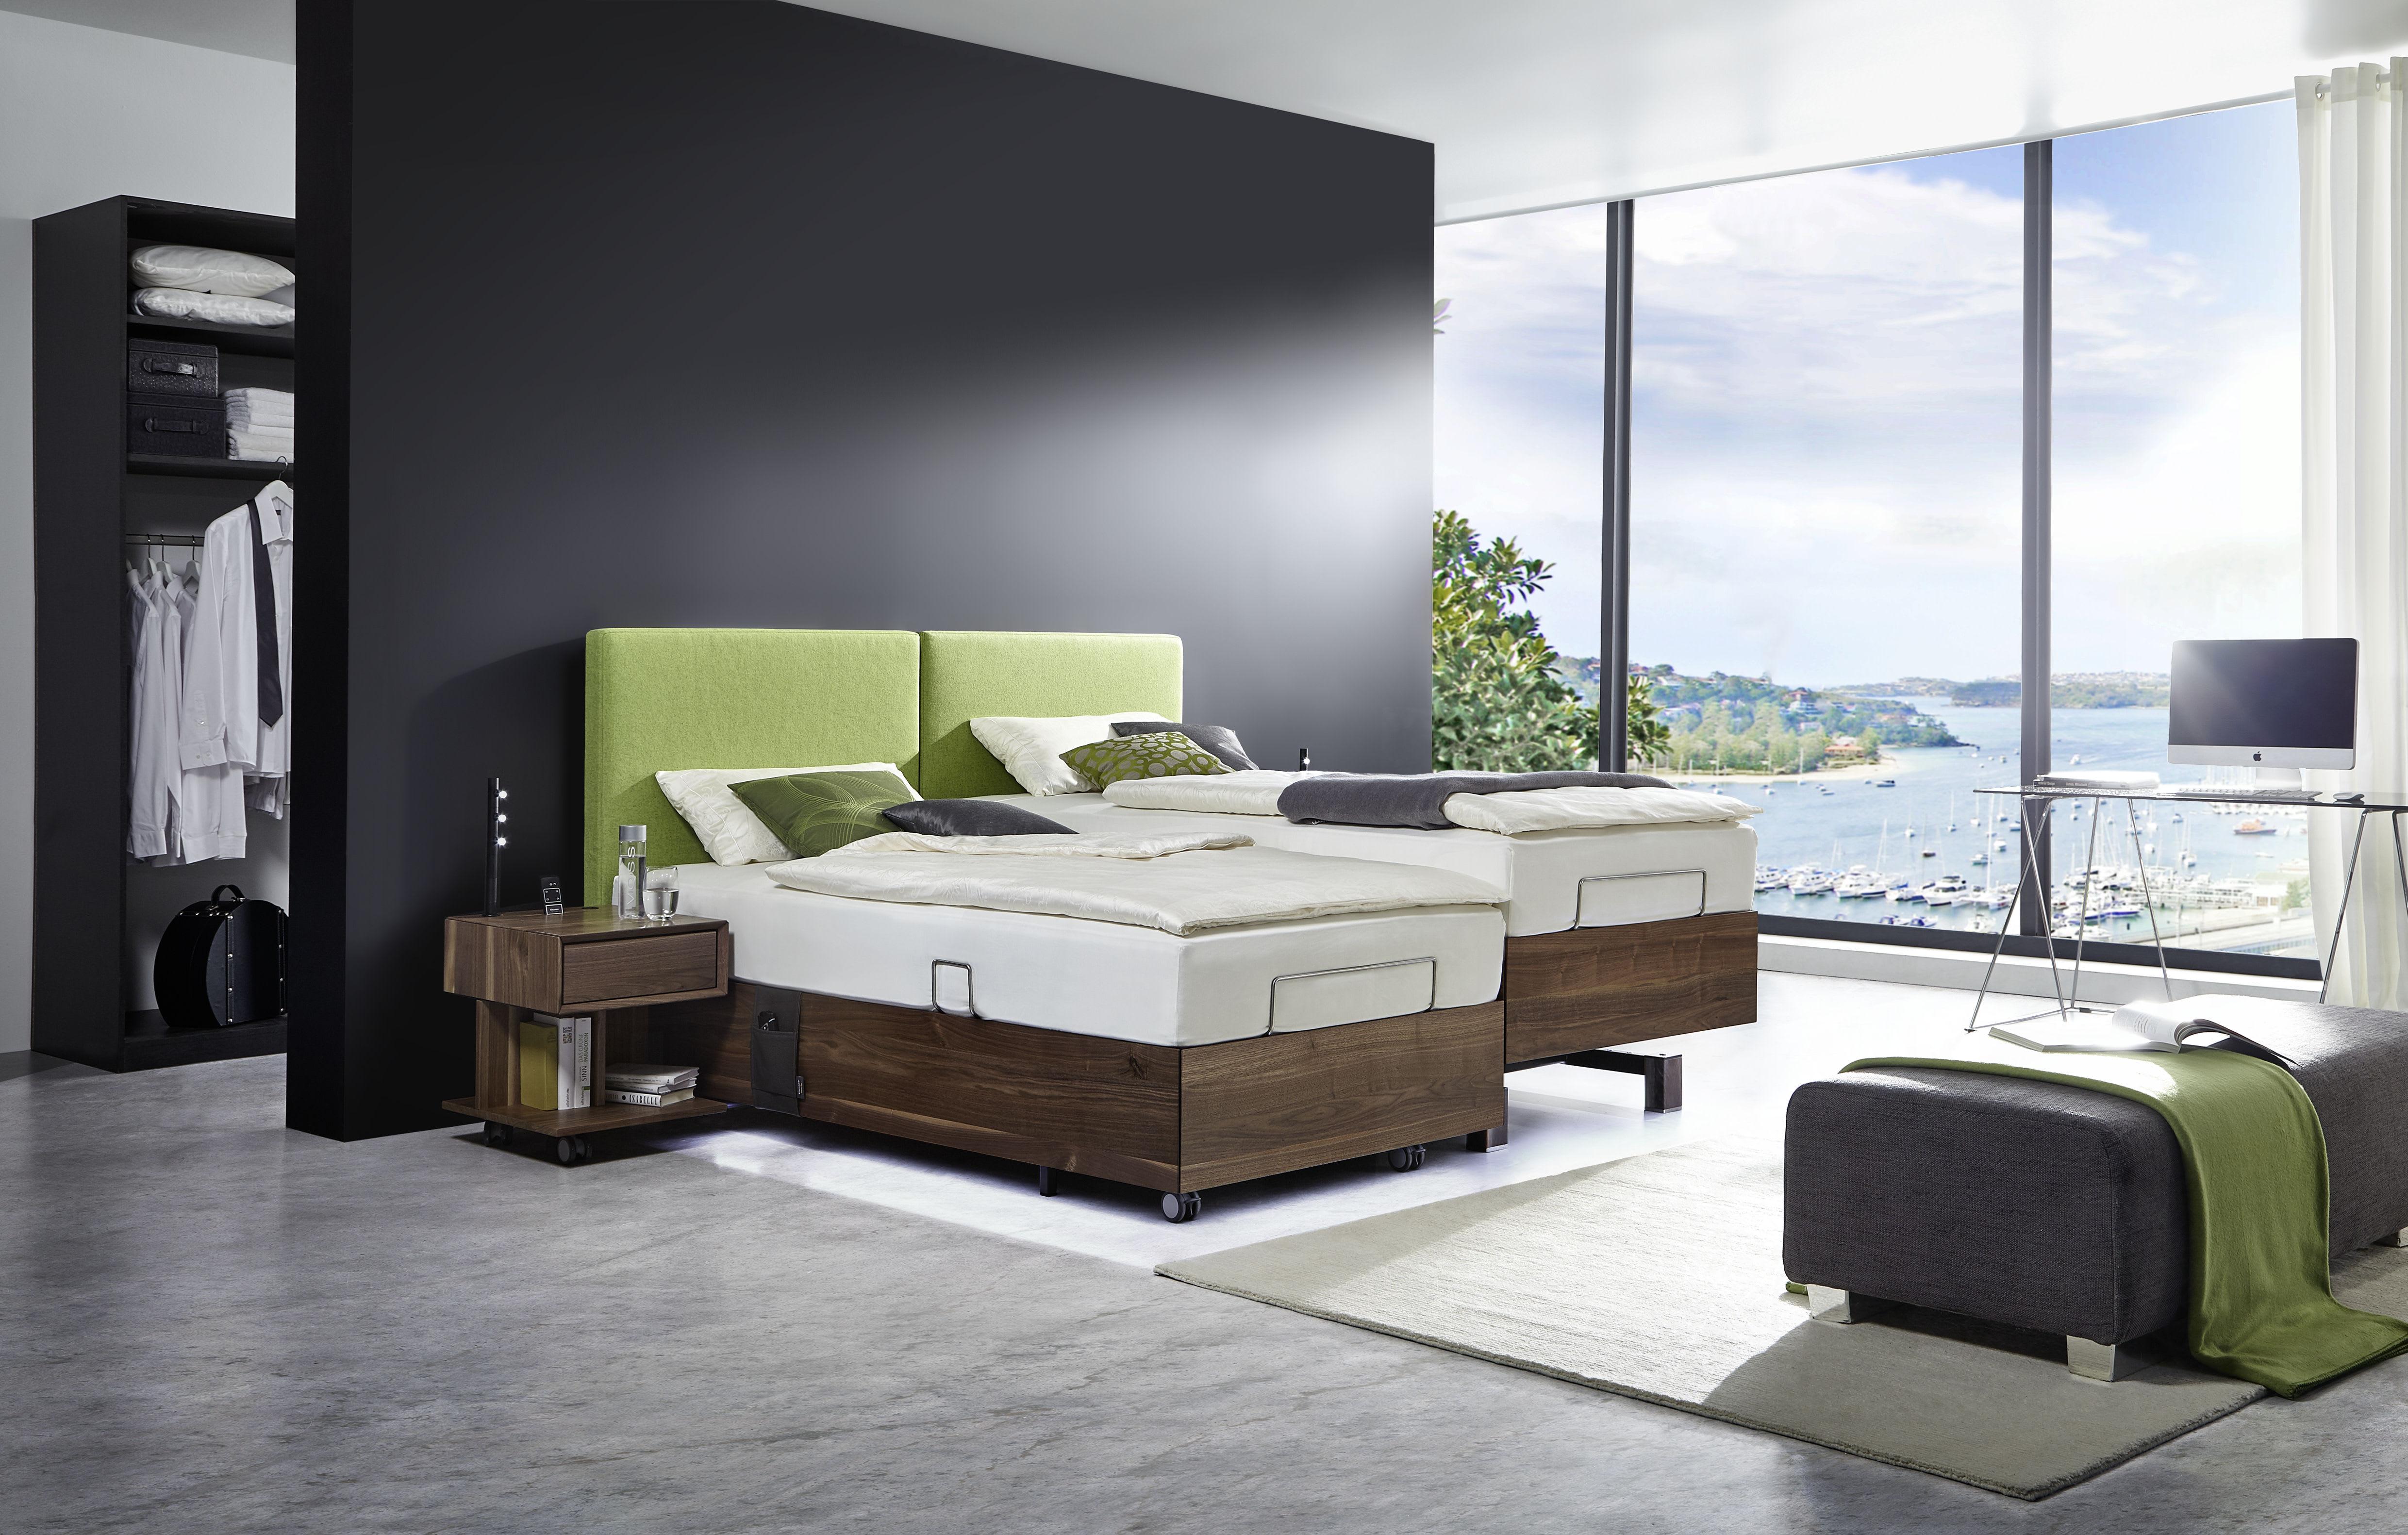 Davos-Doppelbett Nußbaum_Kopfteil Loden grün